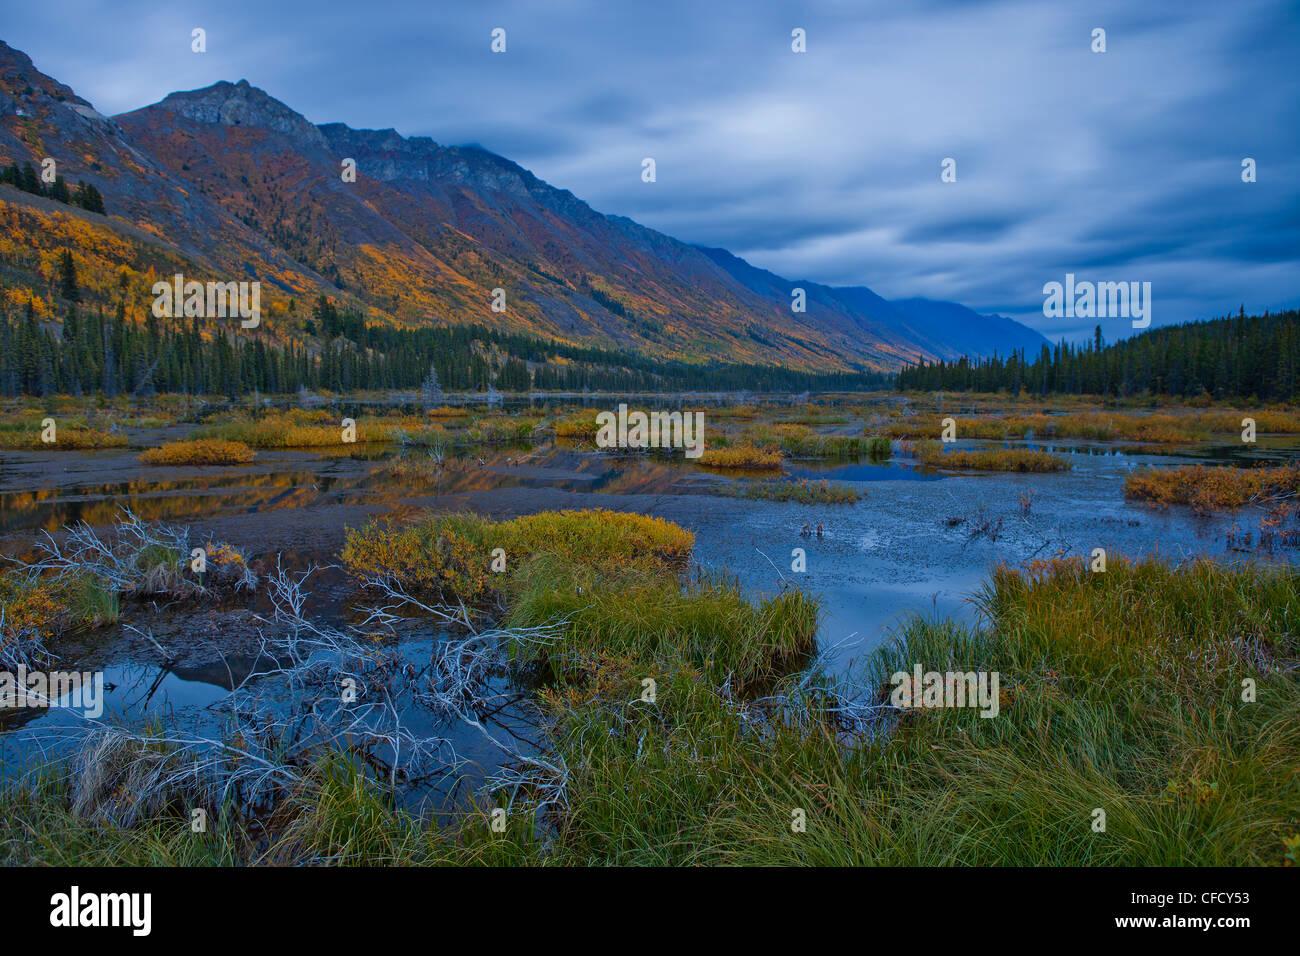 Au cours de l'exposition de nuit à l'extérieur, Annie Lake Whitehorse, Yukon, Canada. Banque D'Images